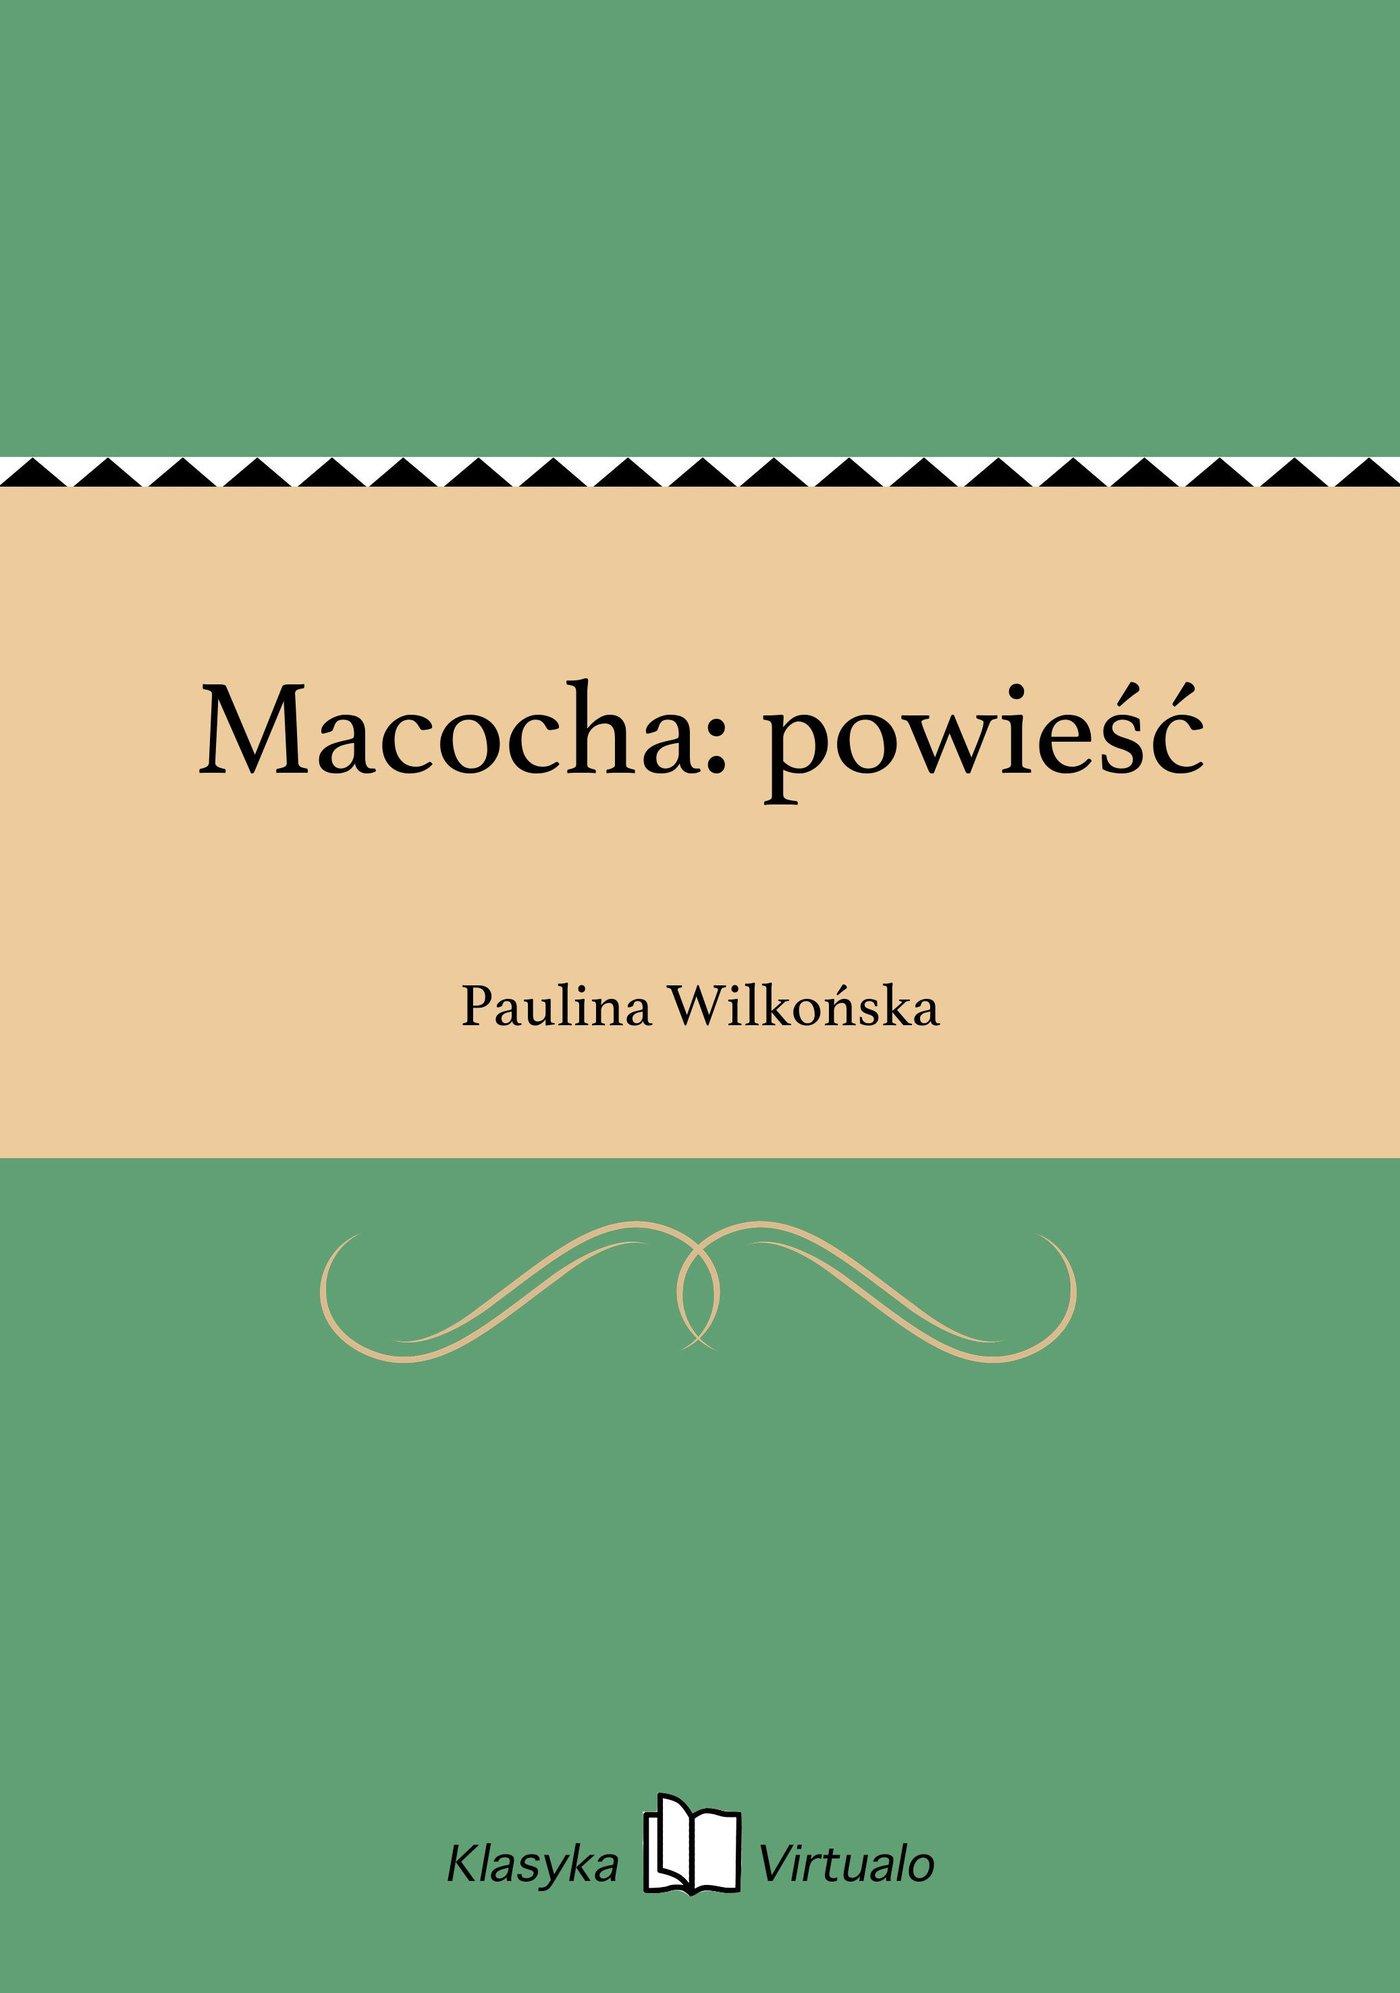 Macocha: powieść - Ebook (Książka na Kindle) do pobrania w formacie MOBI